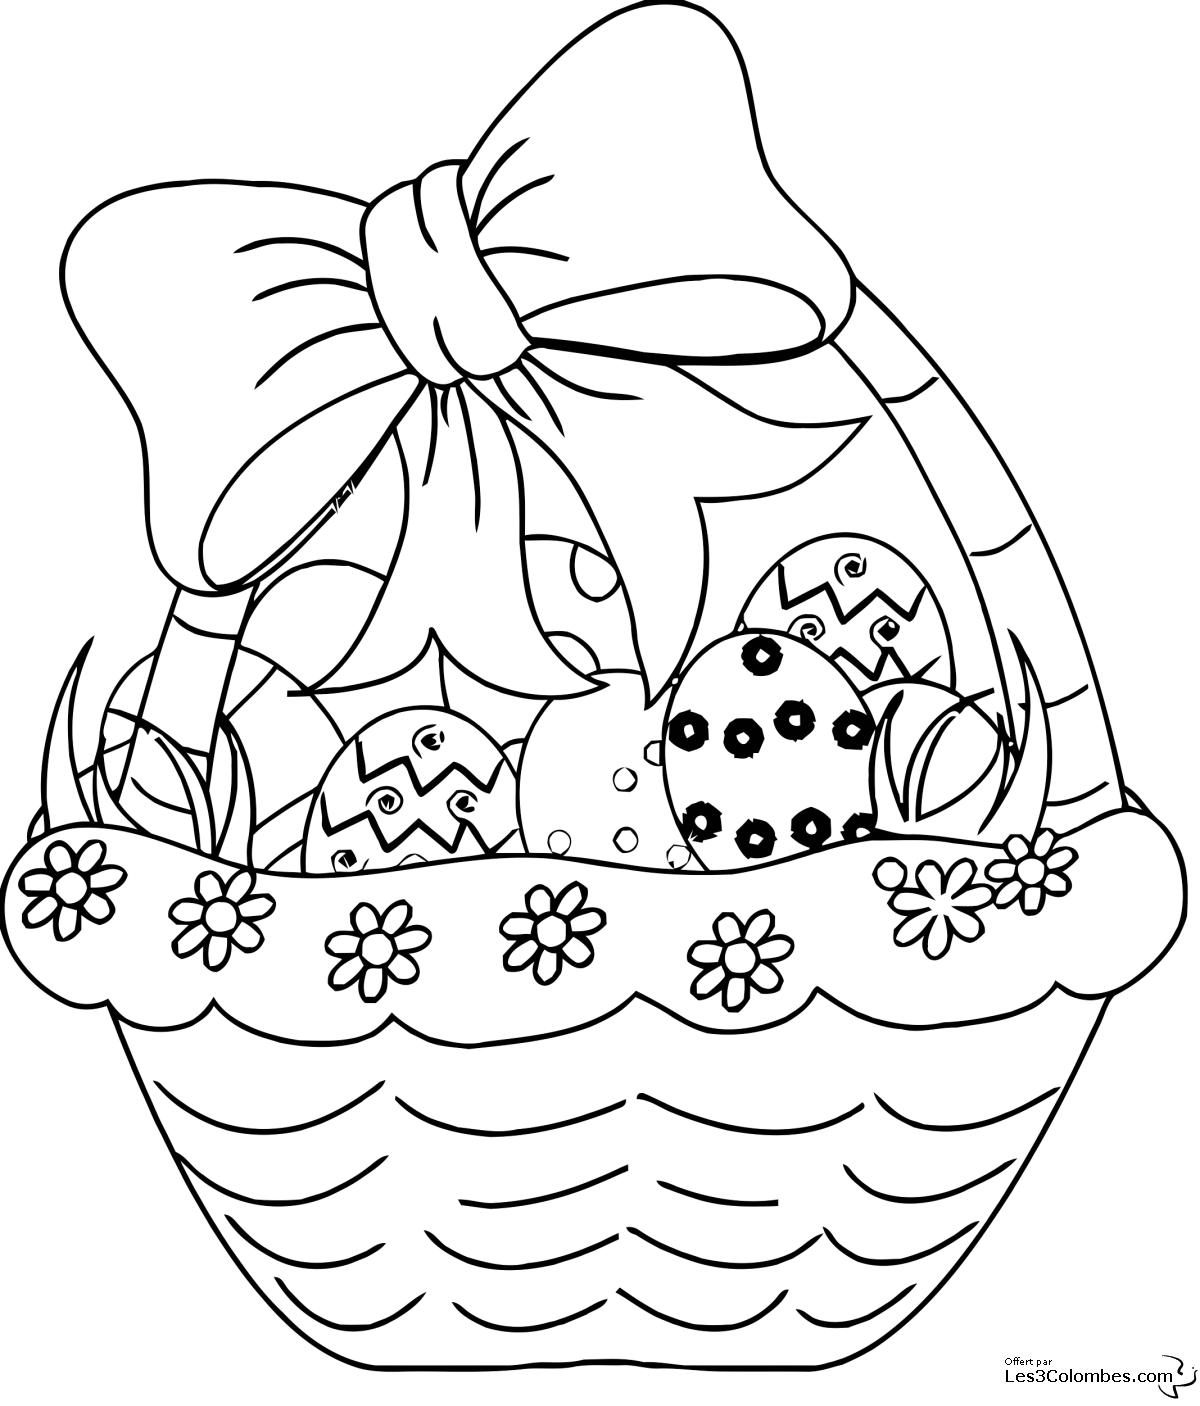 coloriage_joli_panier_oeuf_de_paques.png | Easter Quilts | Pinterest ...